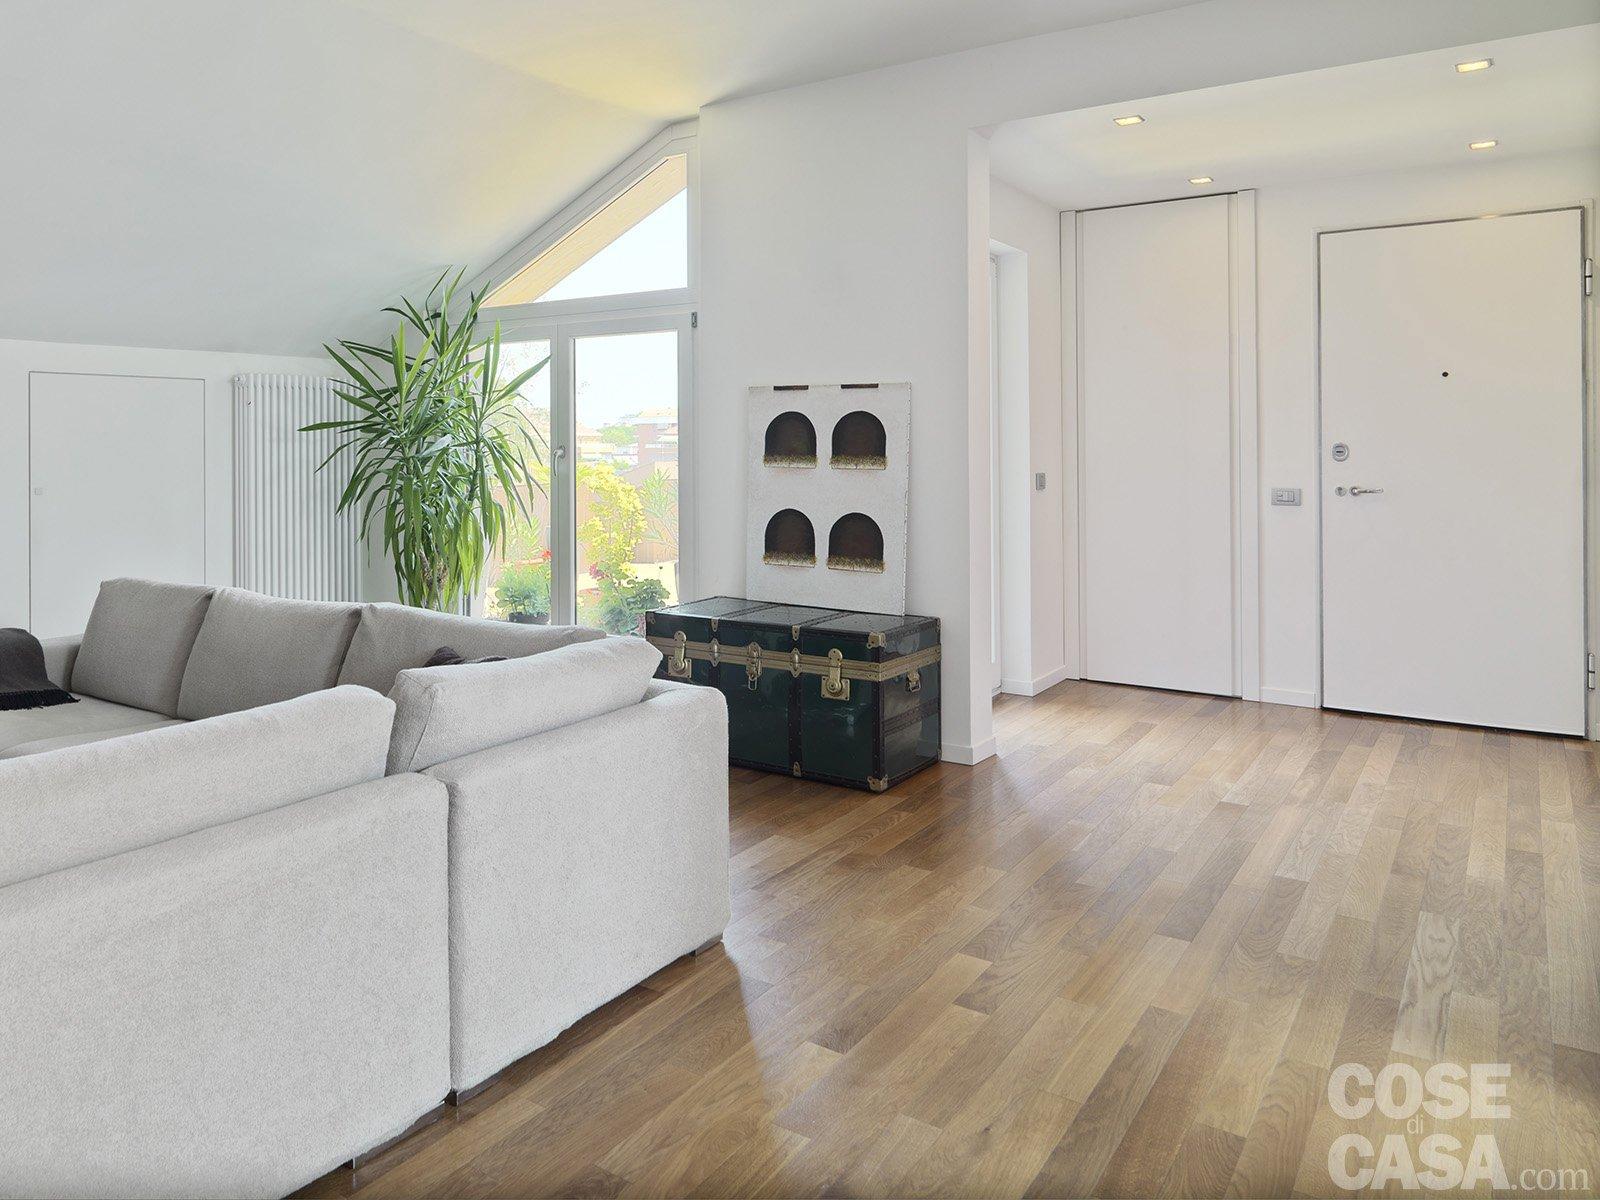 Ingresso aperto sul soggiorno idee per il design della casa - Idee ingresso casa ...